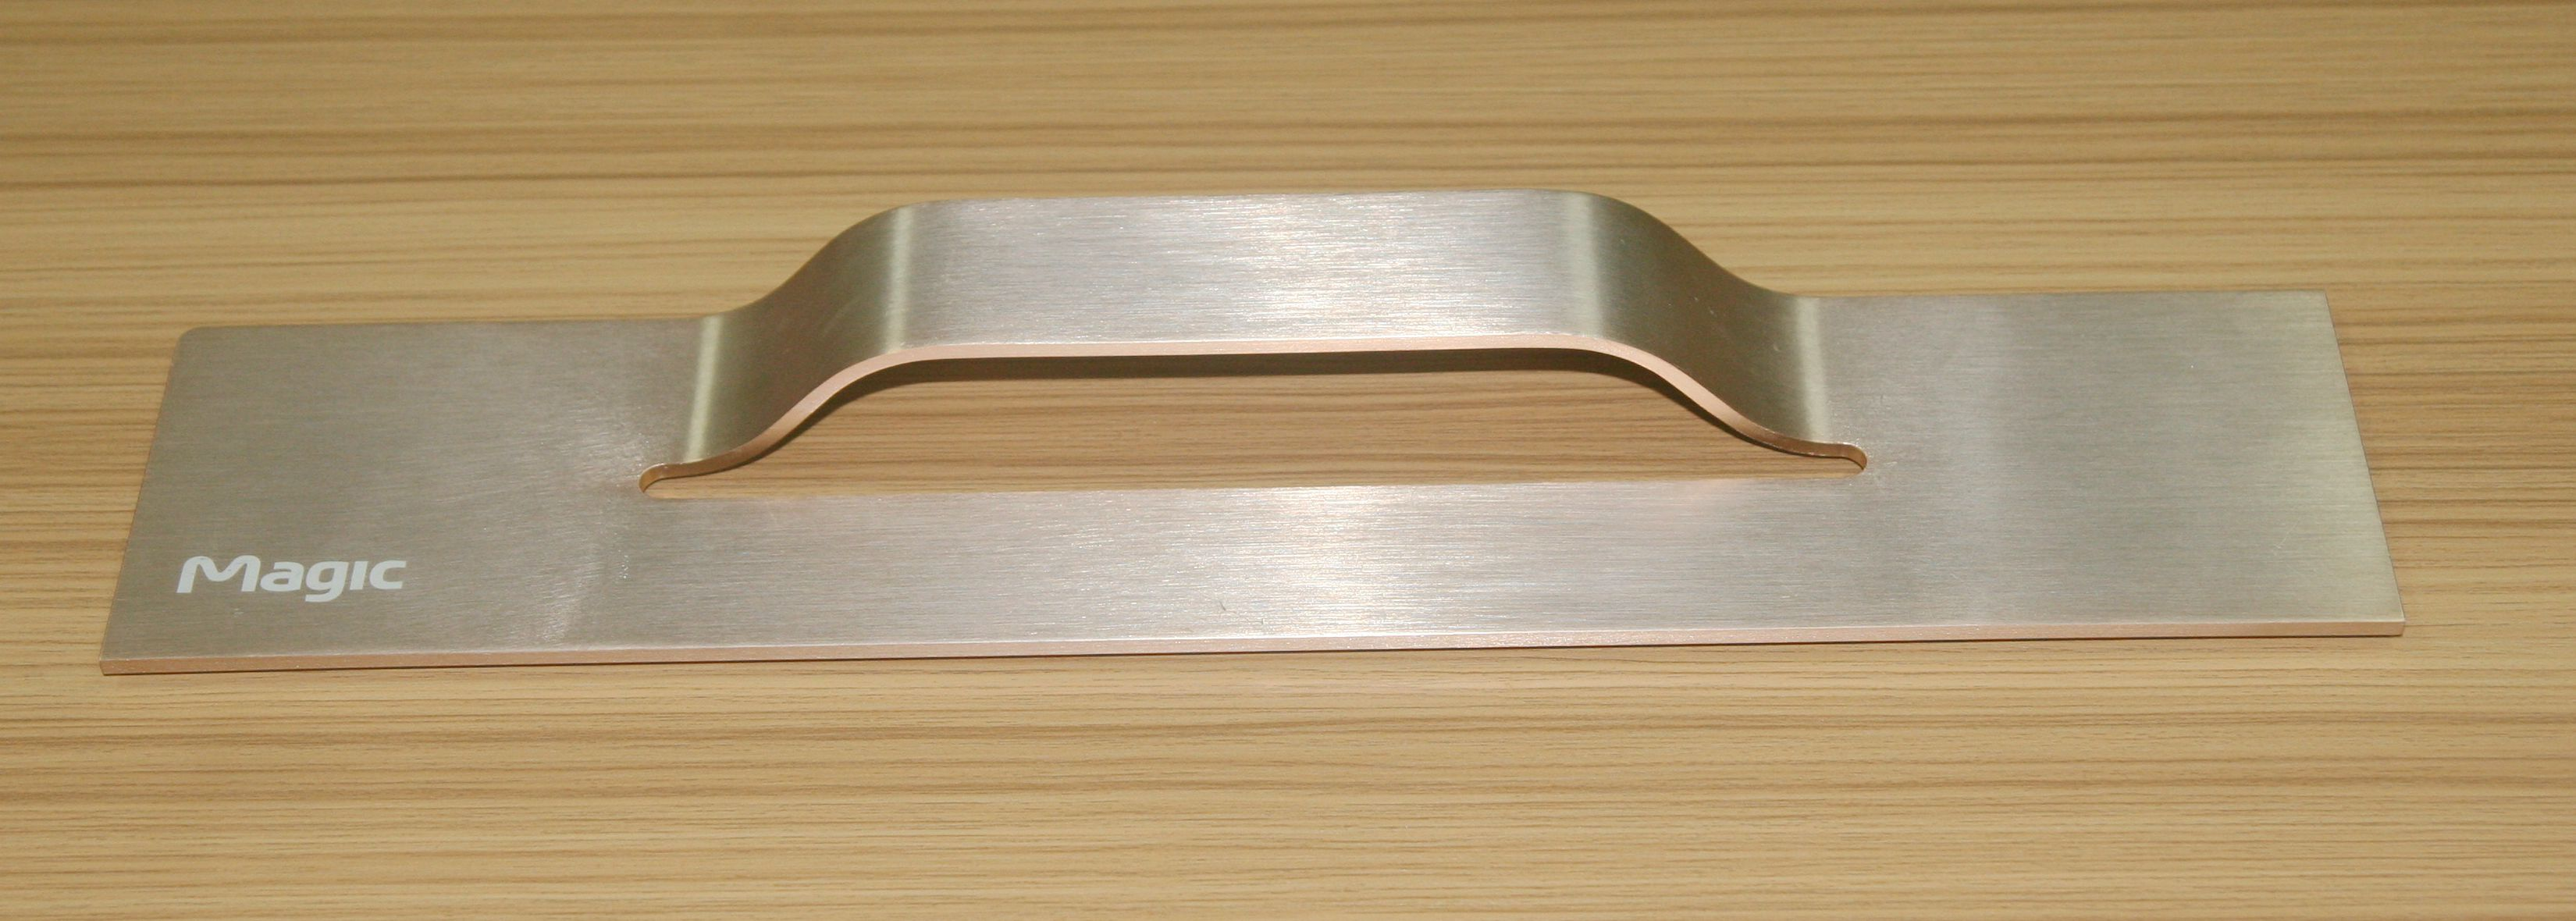 鋁合金微波爐把手